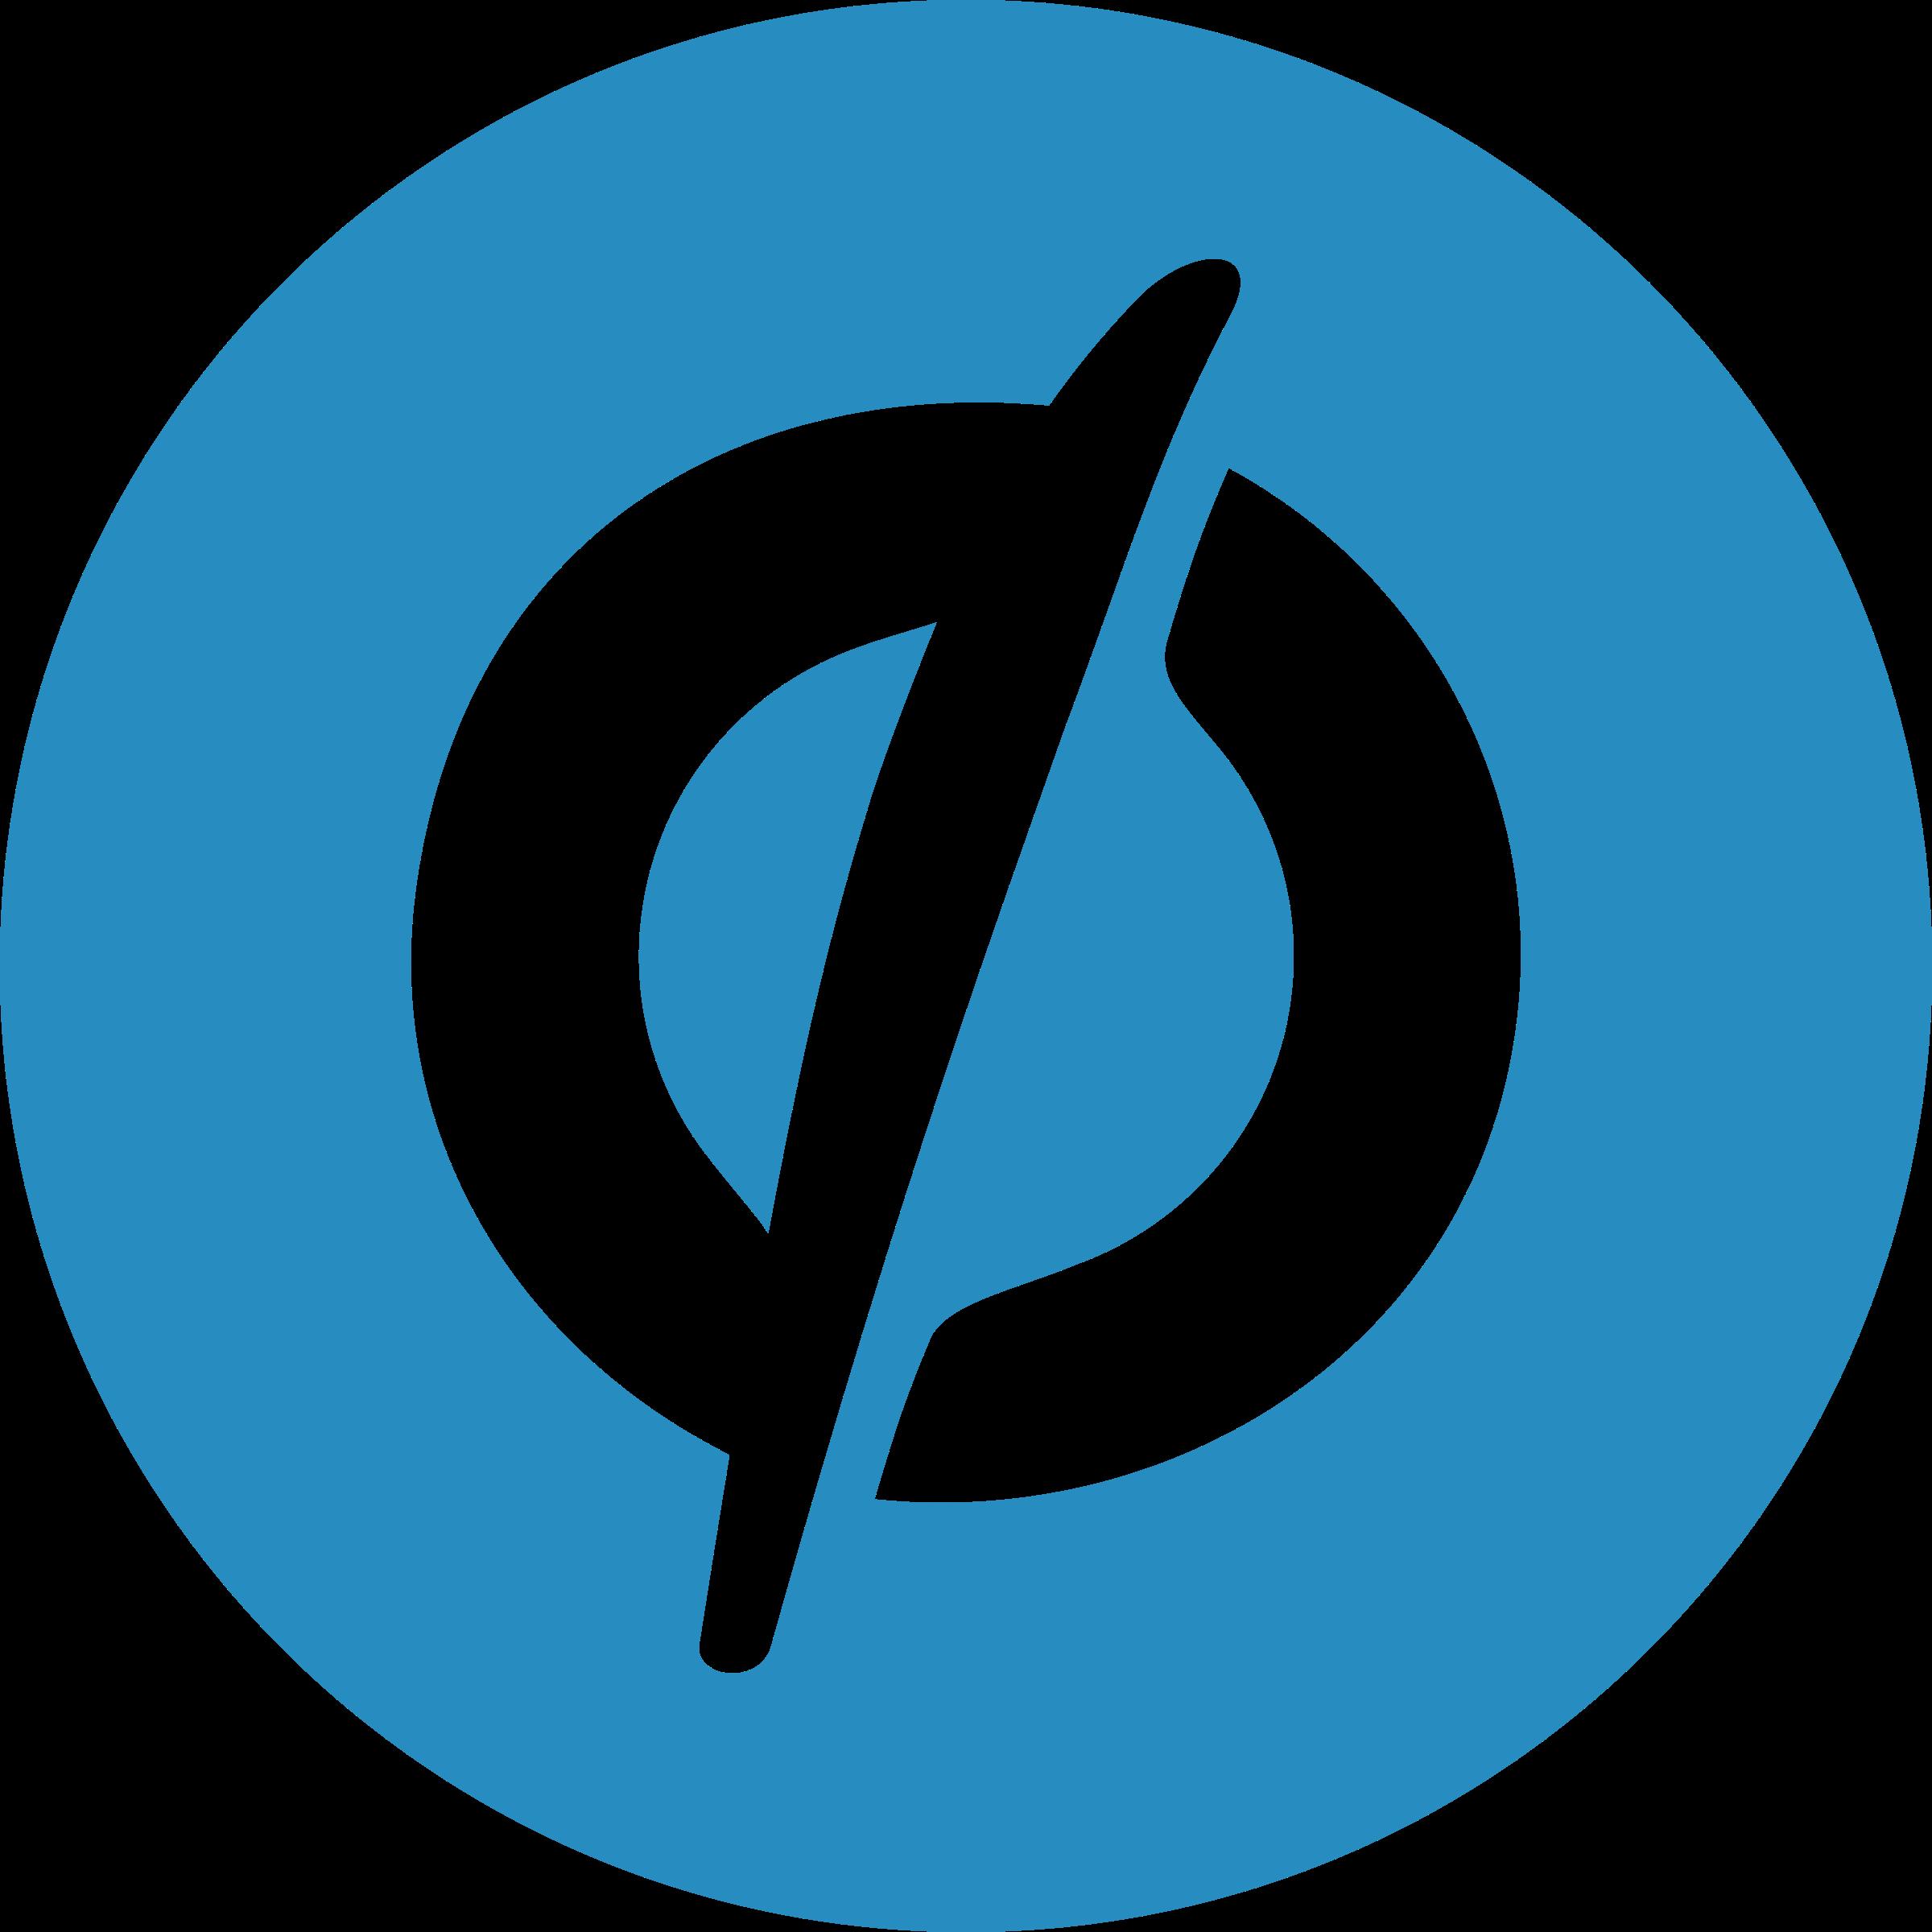 unbounce logo png transparent